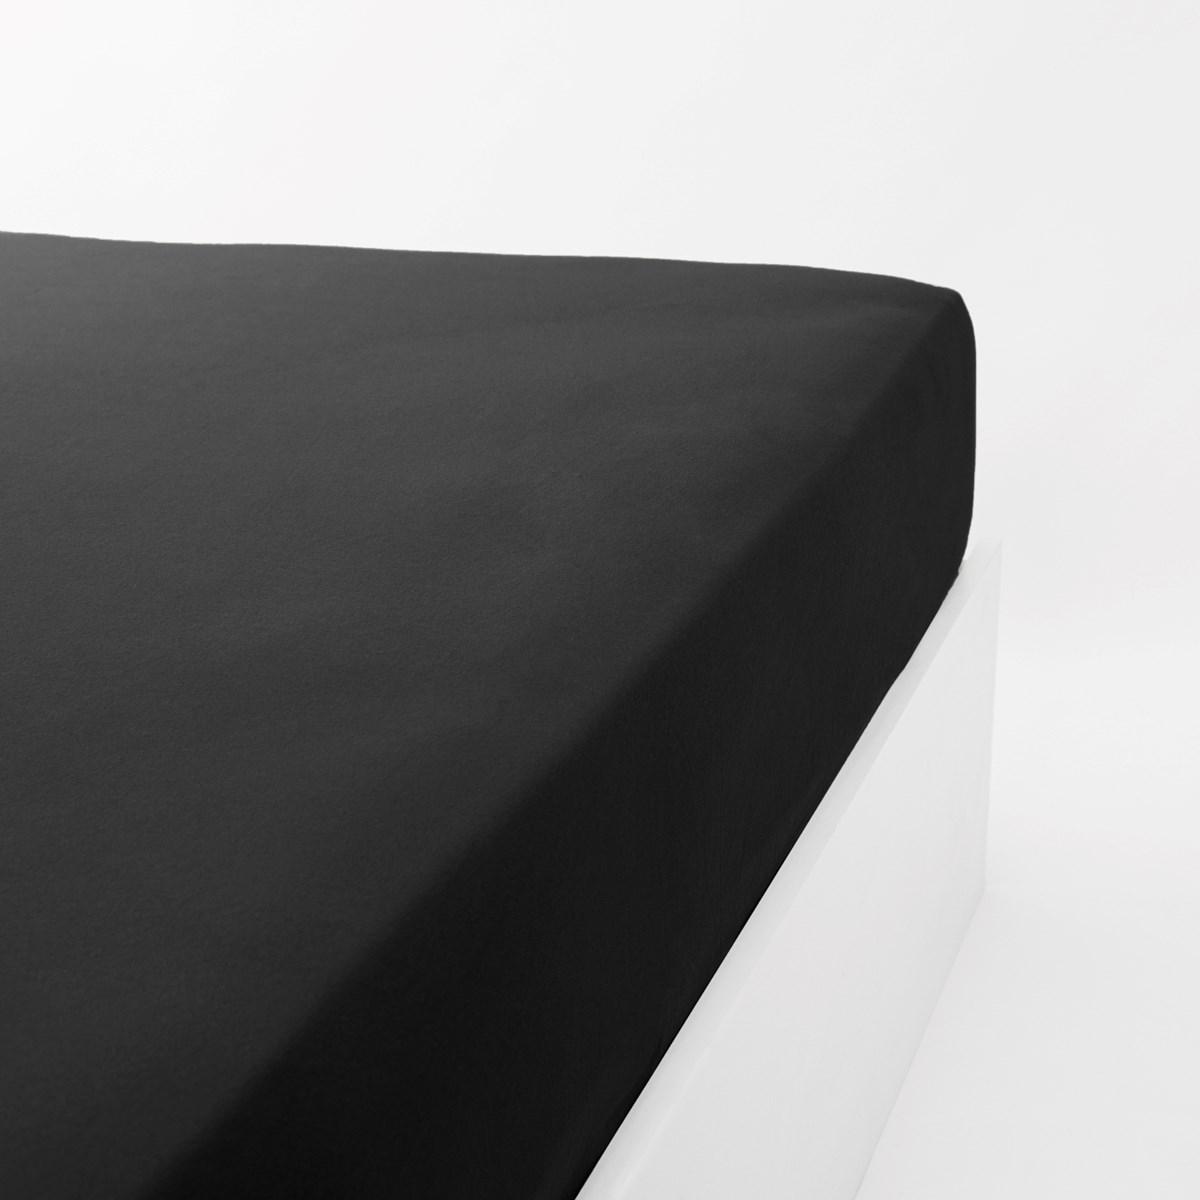 Drap housse jersey extensible en coton noir 180x200 cm